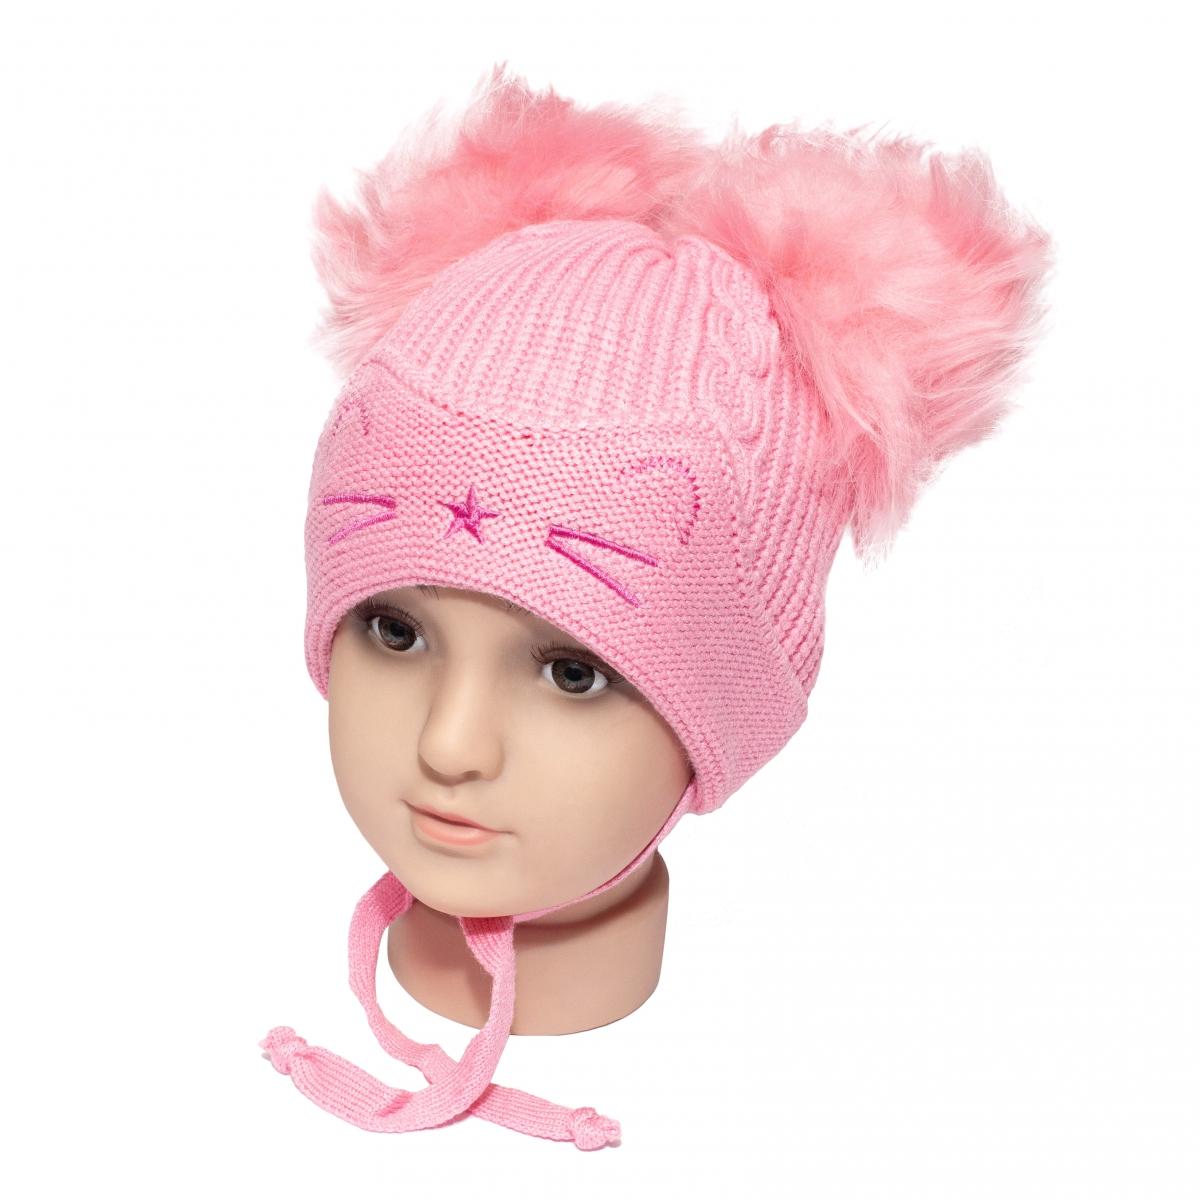 Caciuli fete groase de iarna ciucuri 1806 roz 6luni-2ani